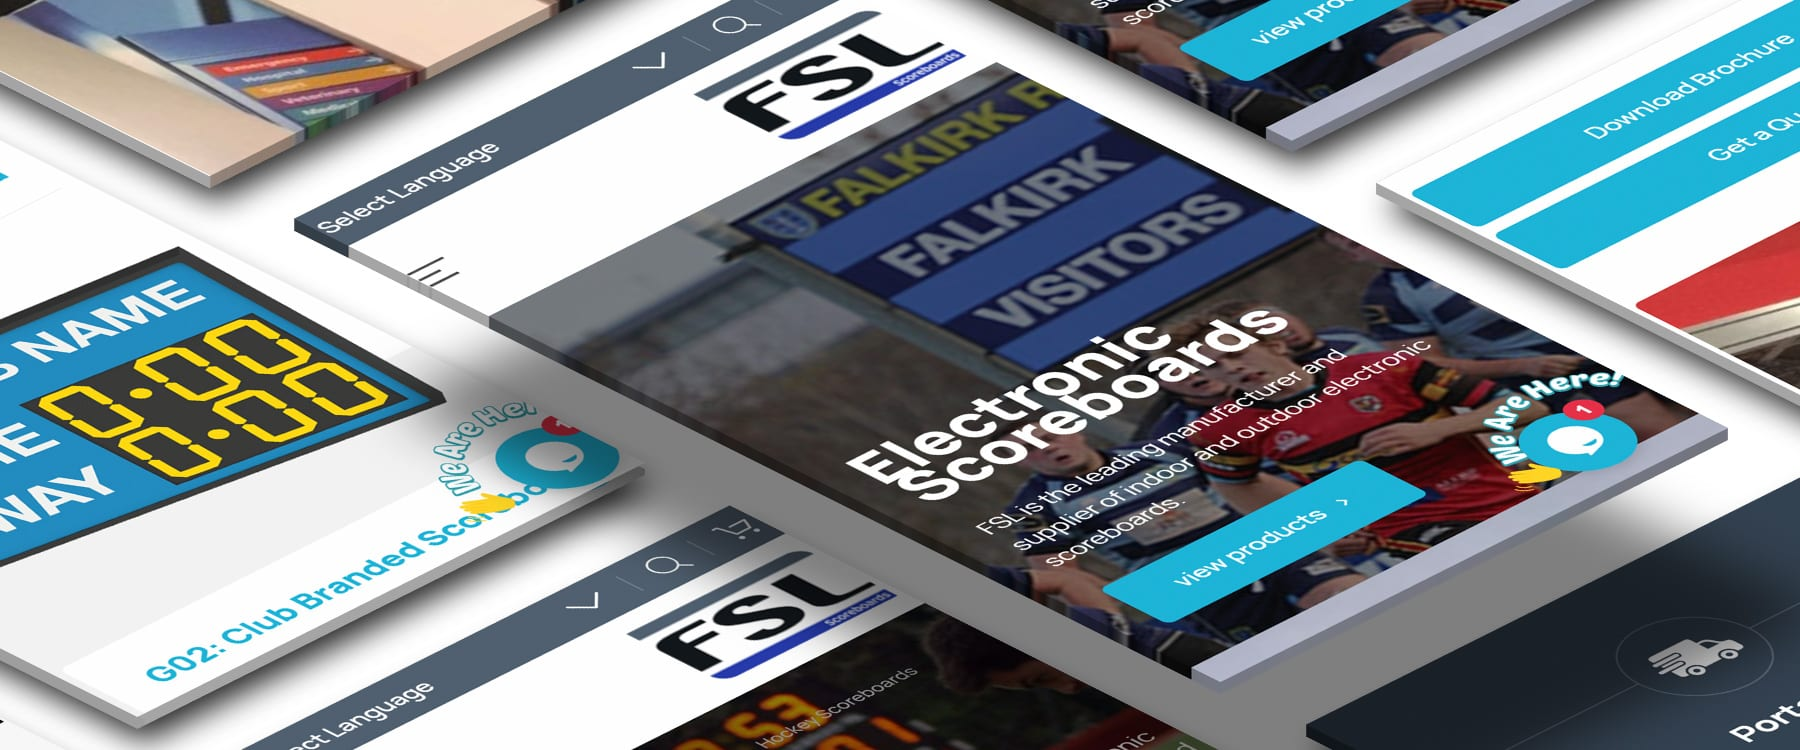 FSL Scoreboards Image Second